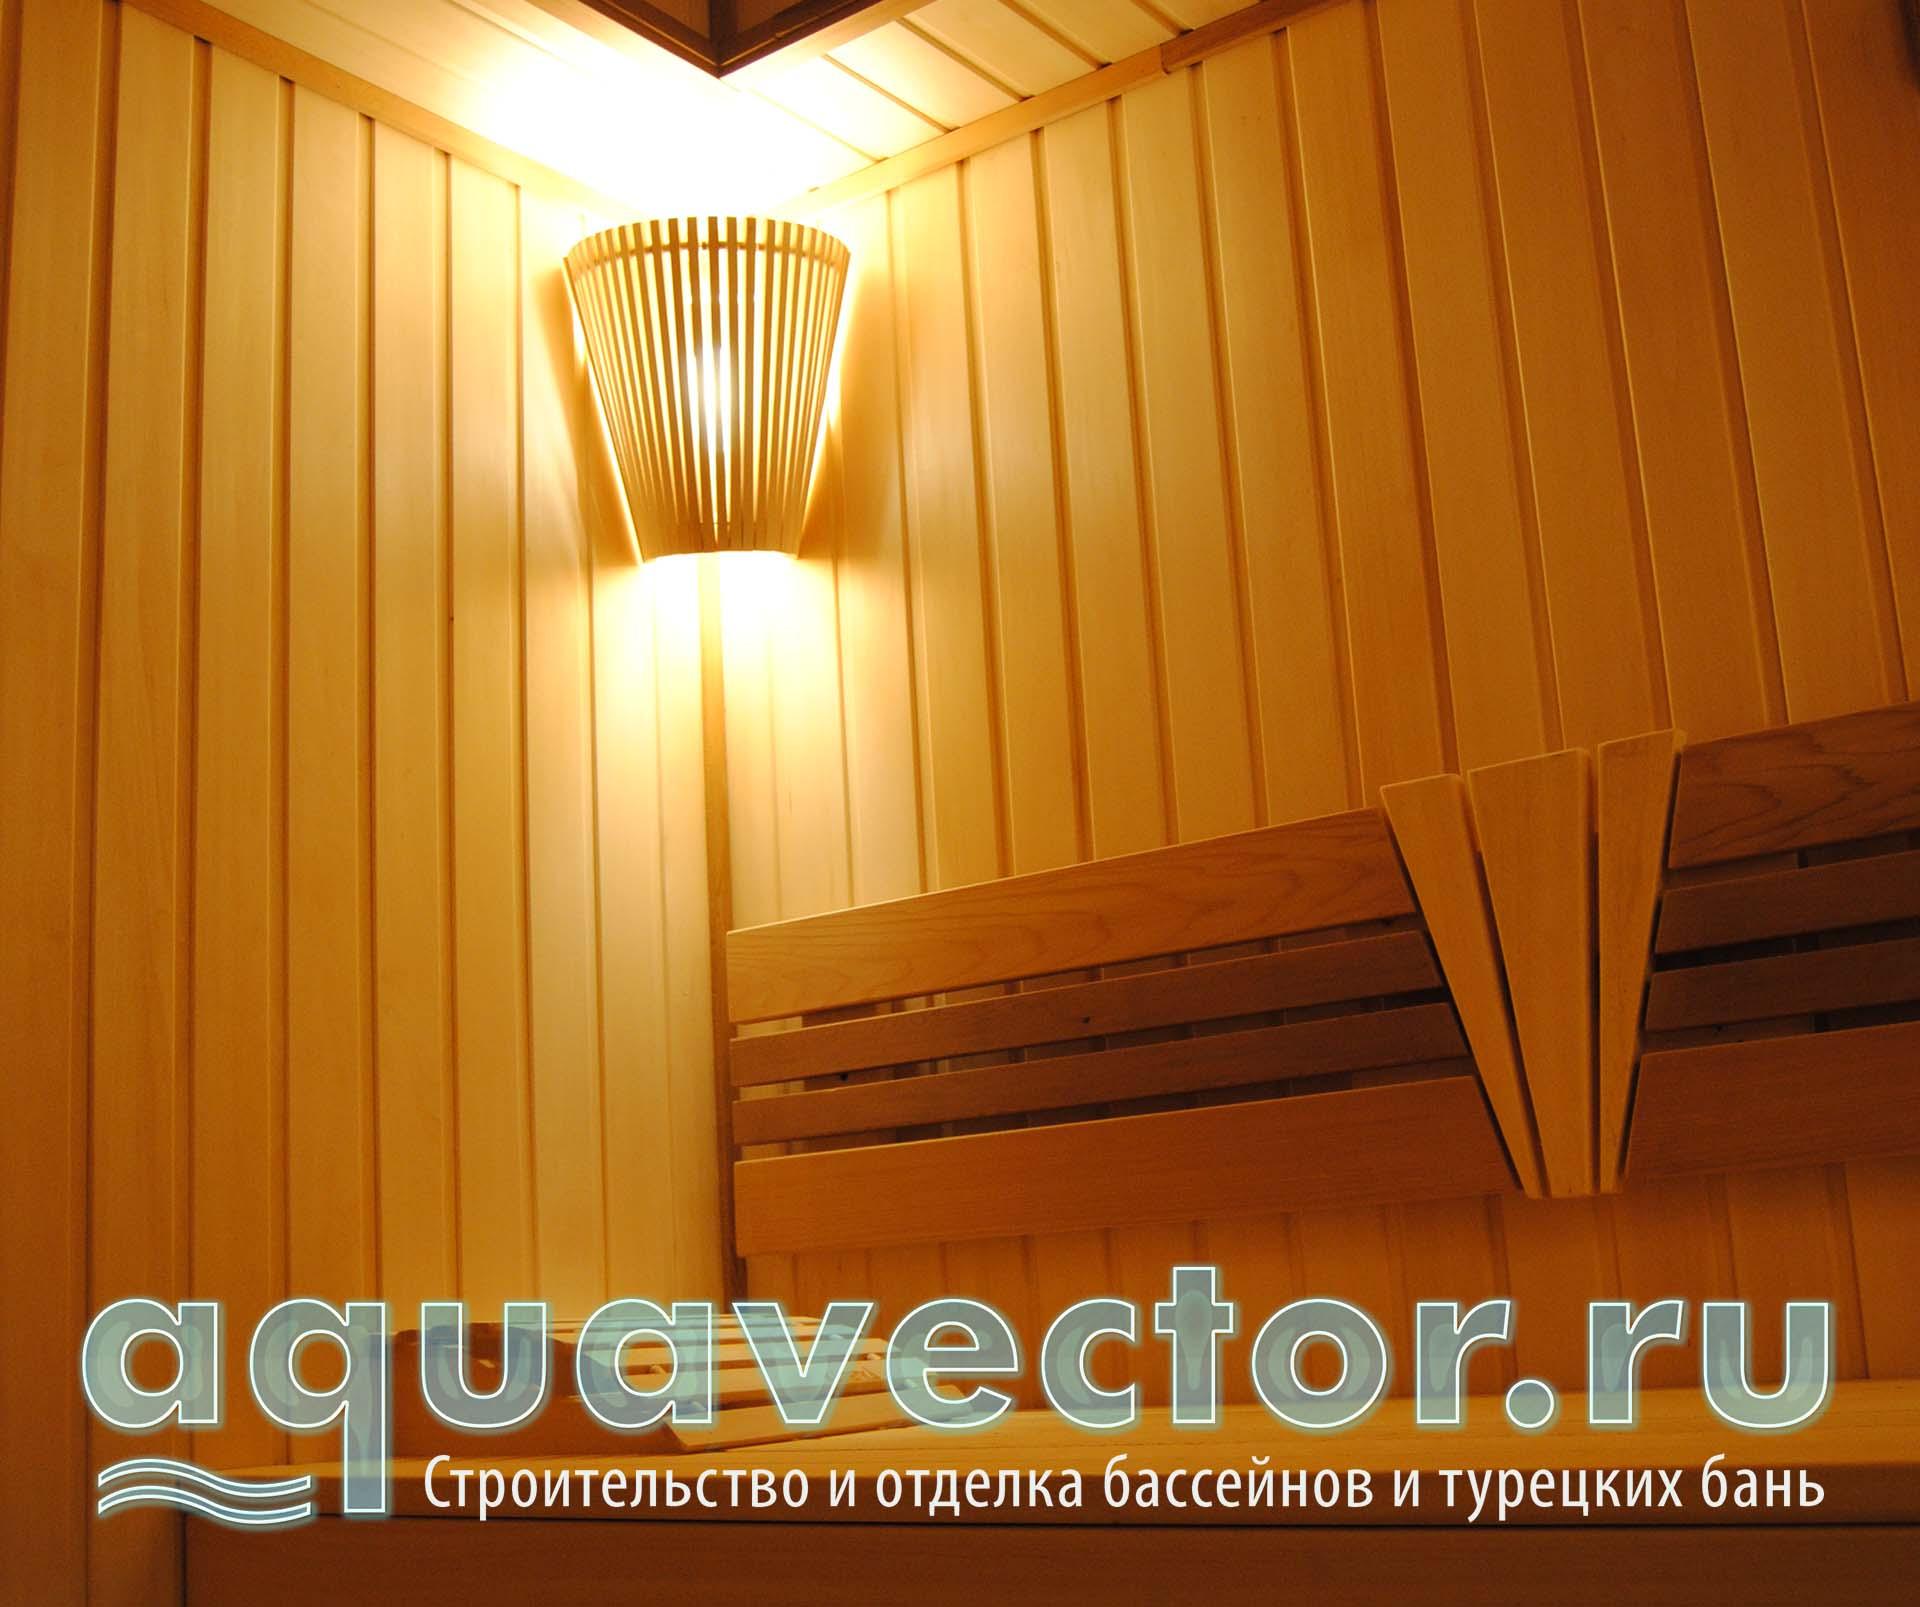 Светильники для бани: выбор и установка